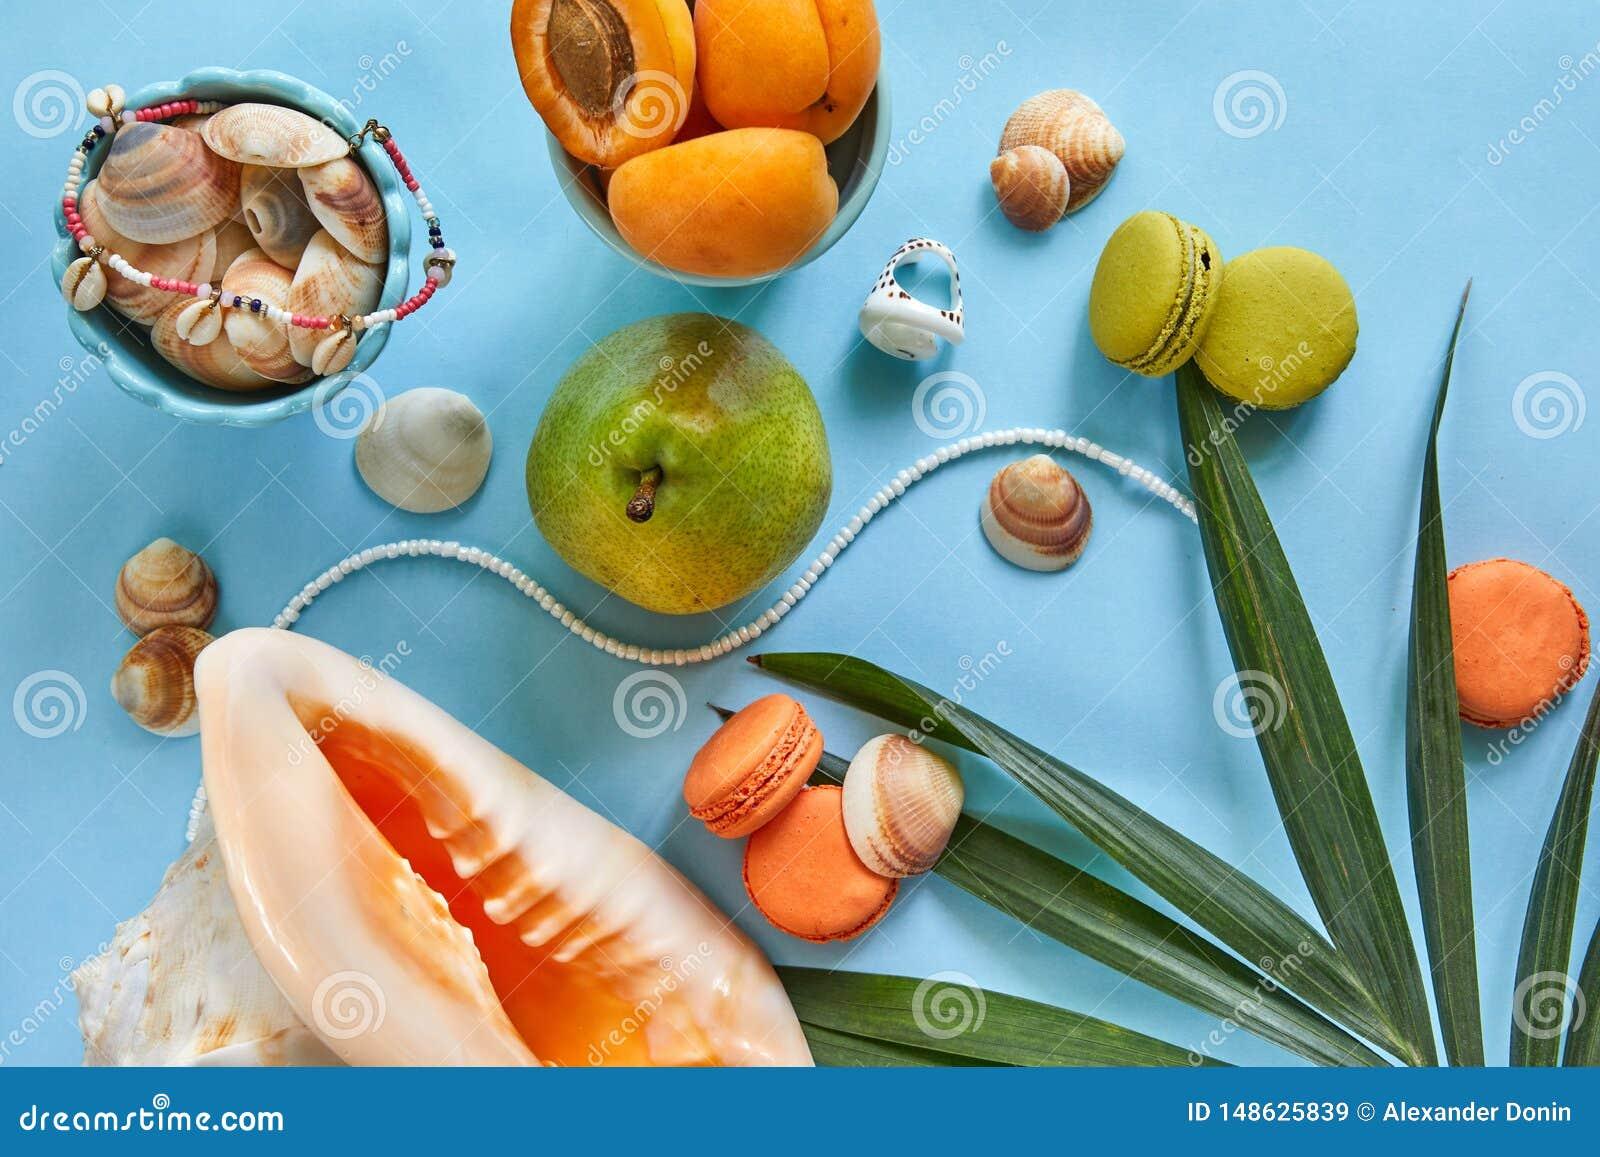 Accessoires de plage, fruits savoureux frais et macaron sur un fond bleu